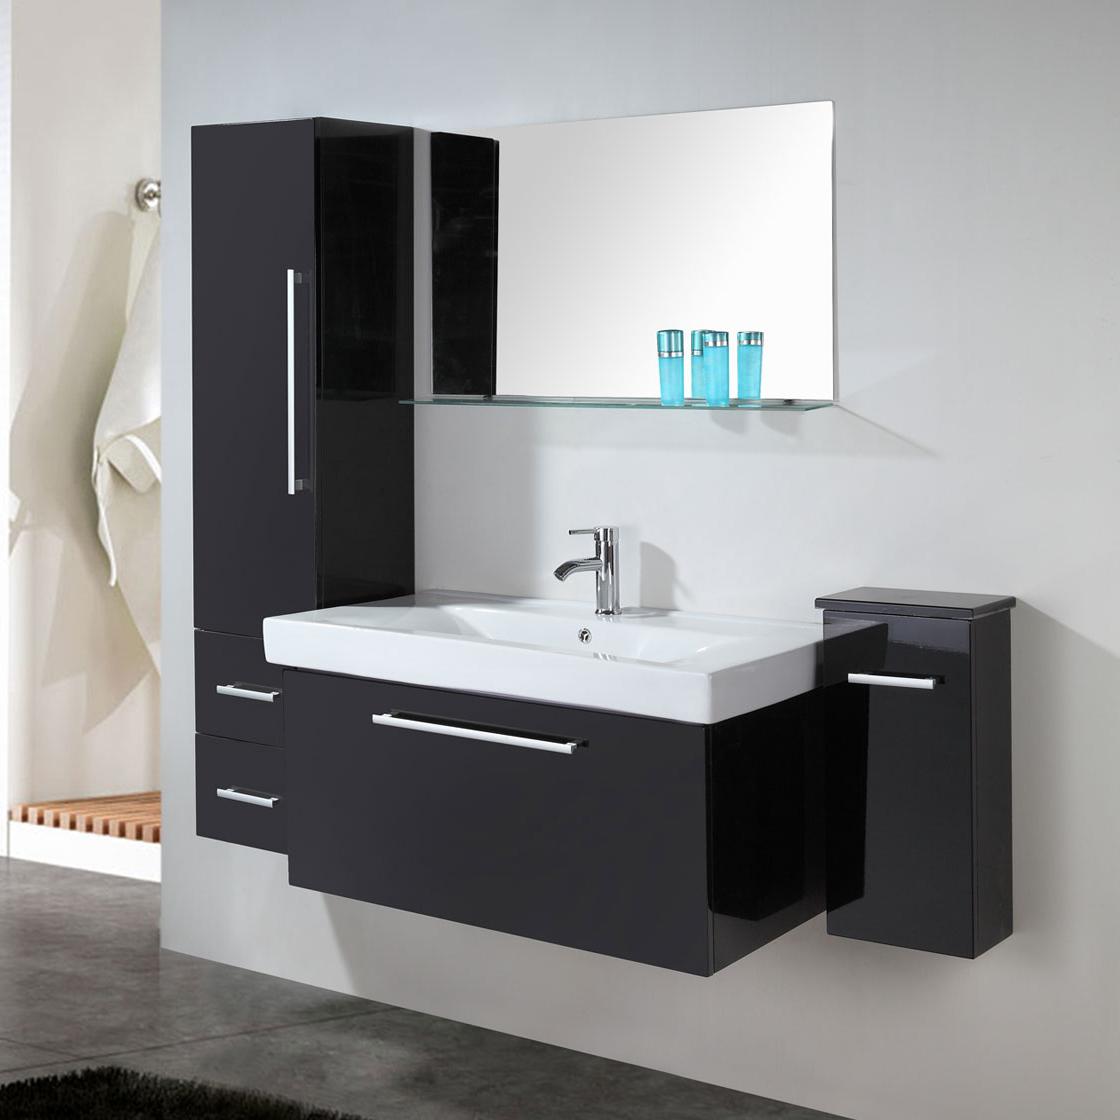 Lavabo A Colonna Design mobile bagno arredo bagno 100 cm lavabo e colonne incluse - london